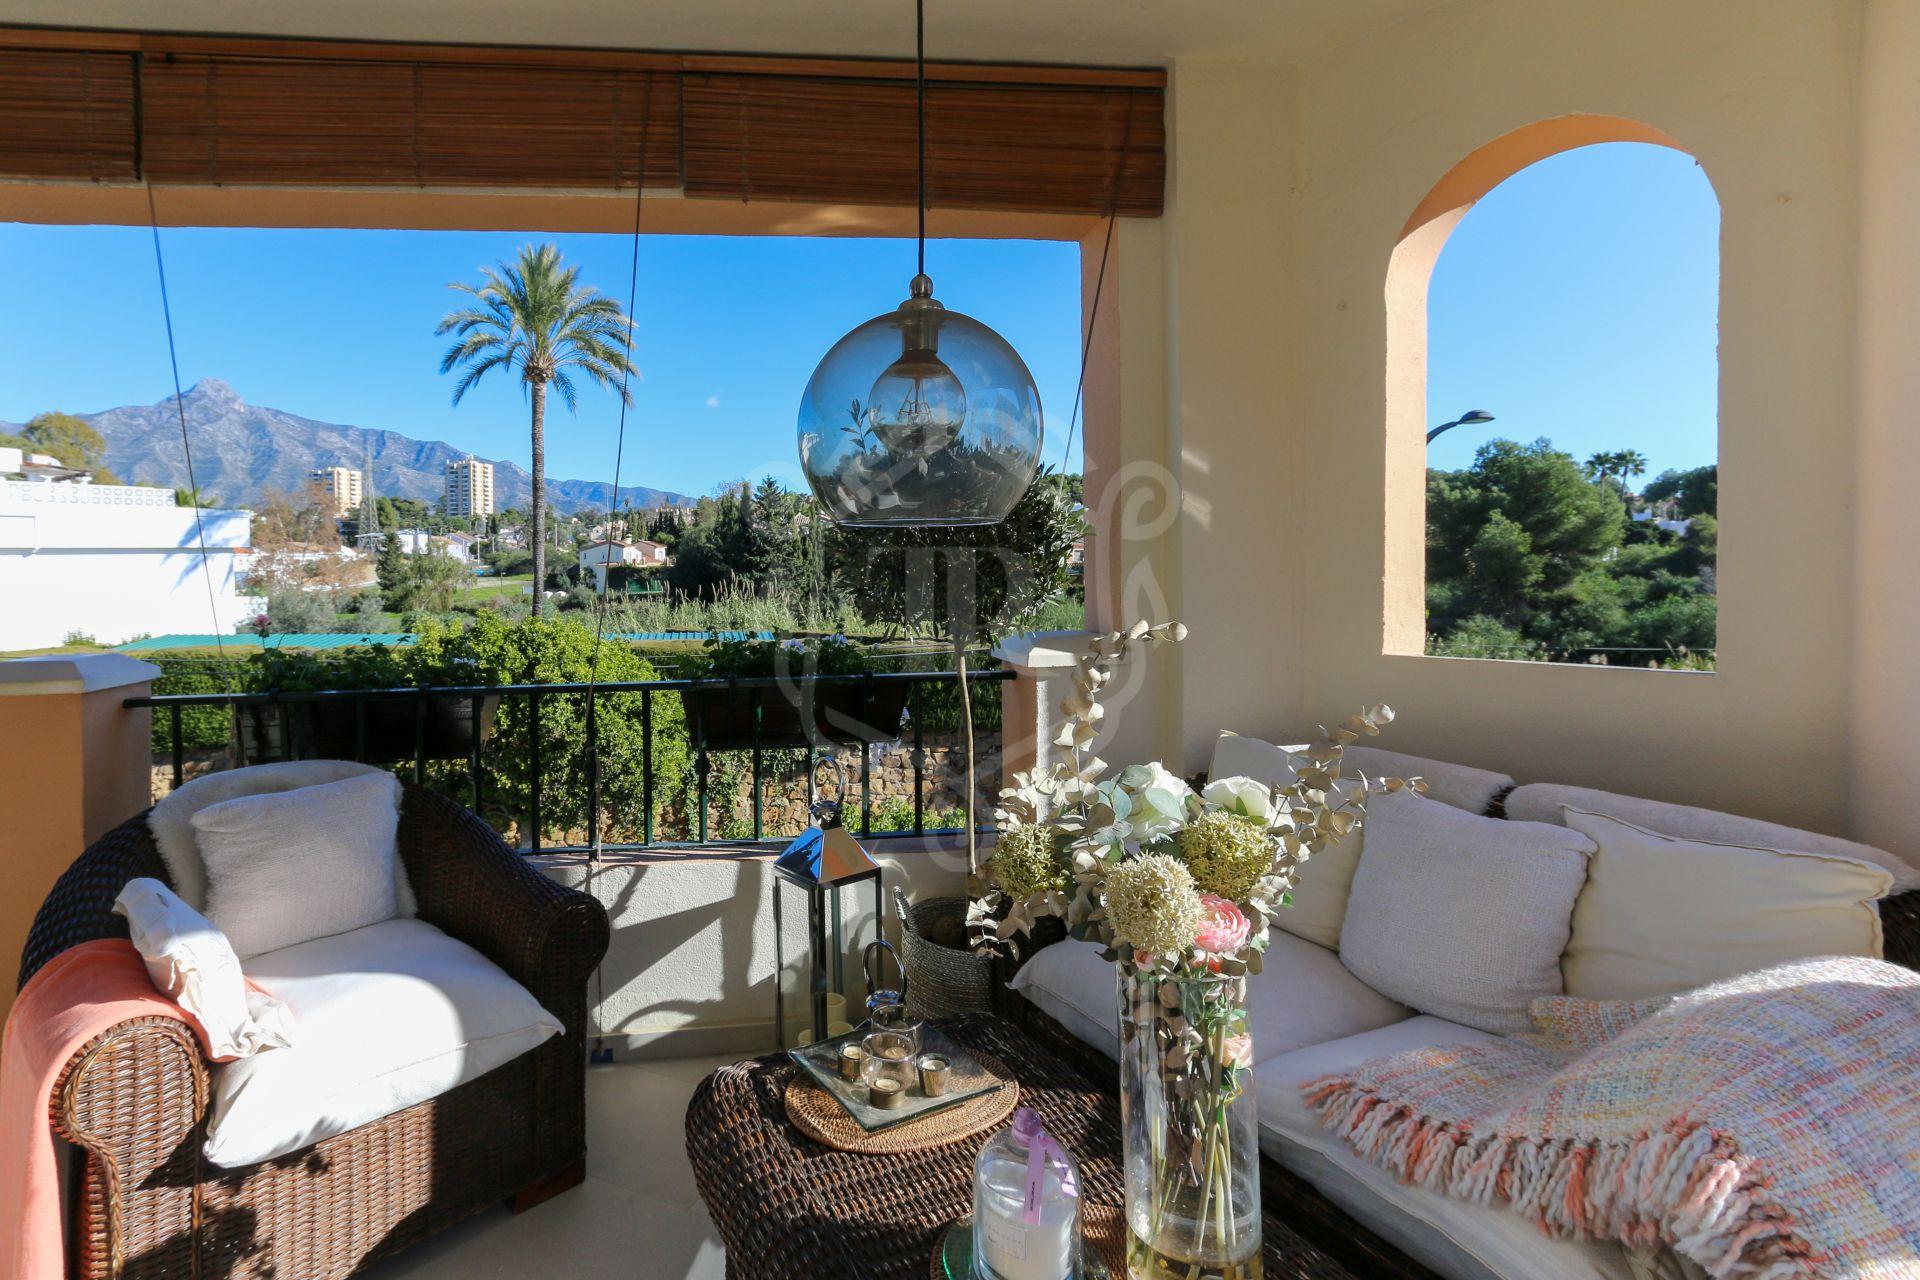 Precioso apartamento en Nueva Andalucia con vistas a la montaña